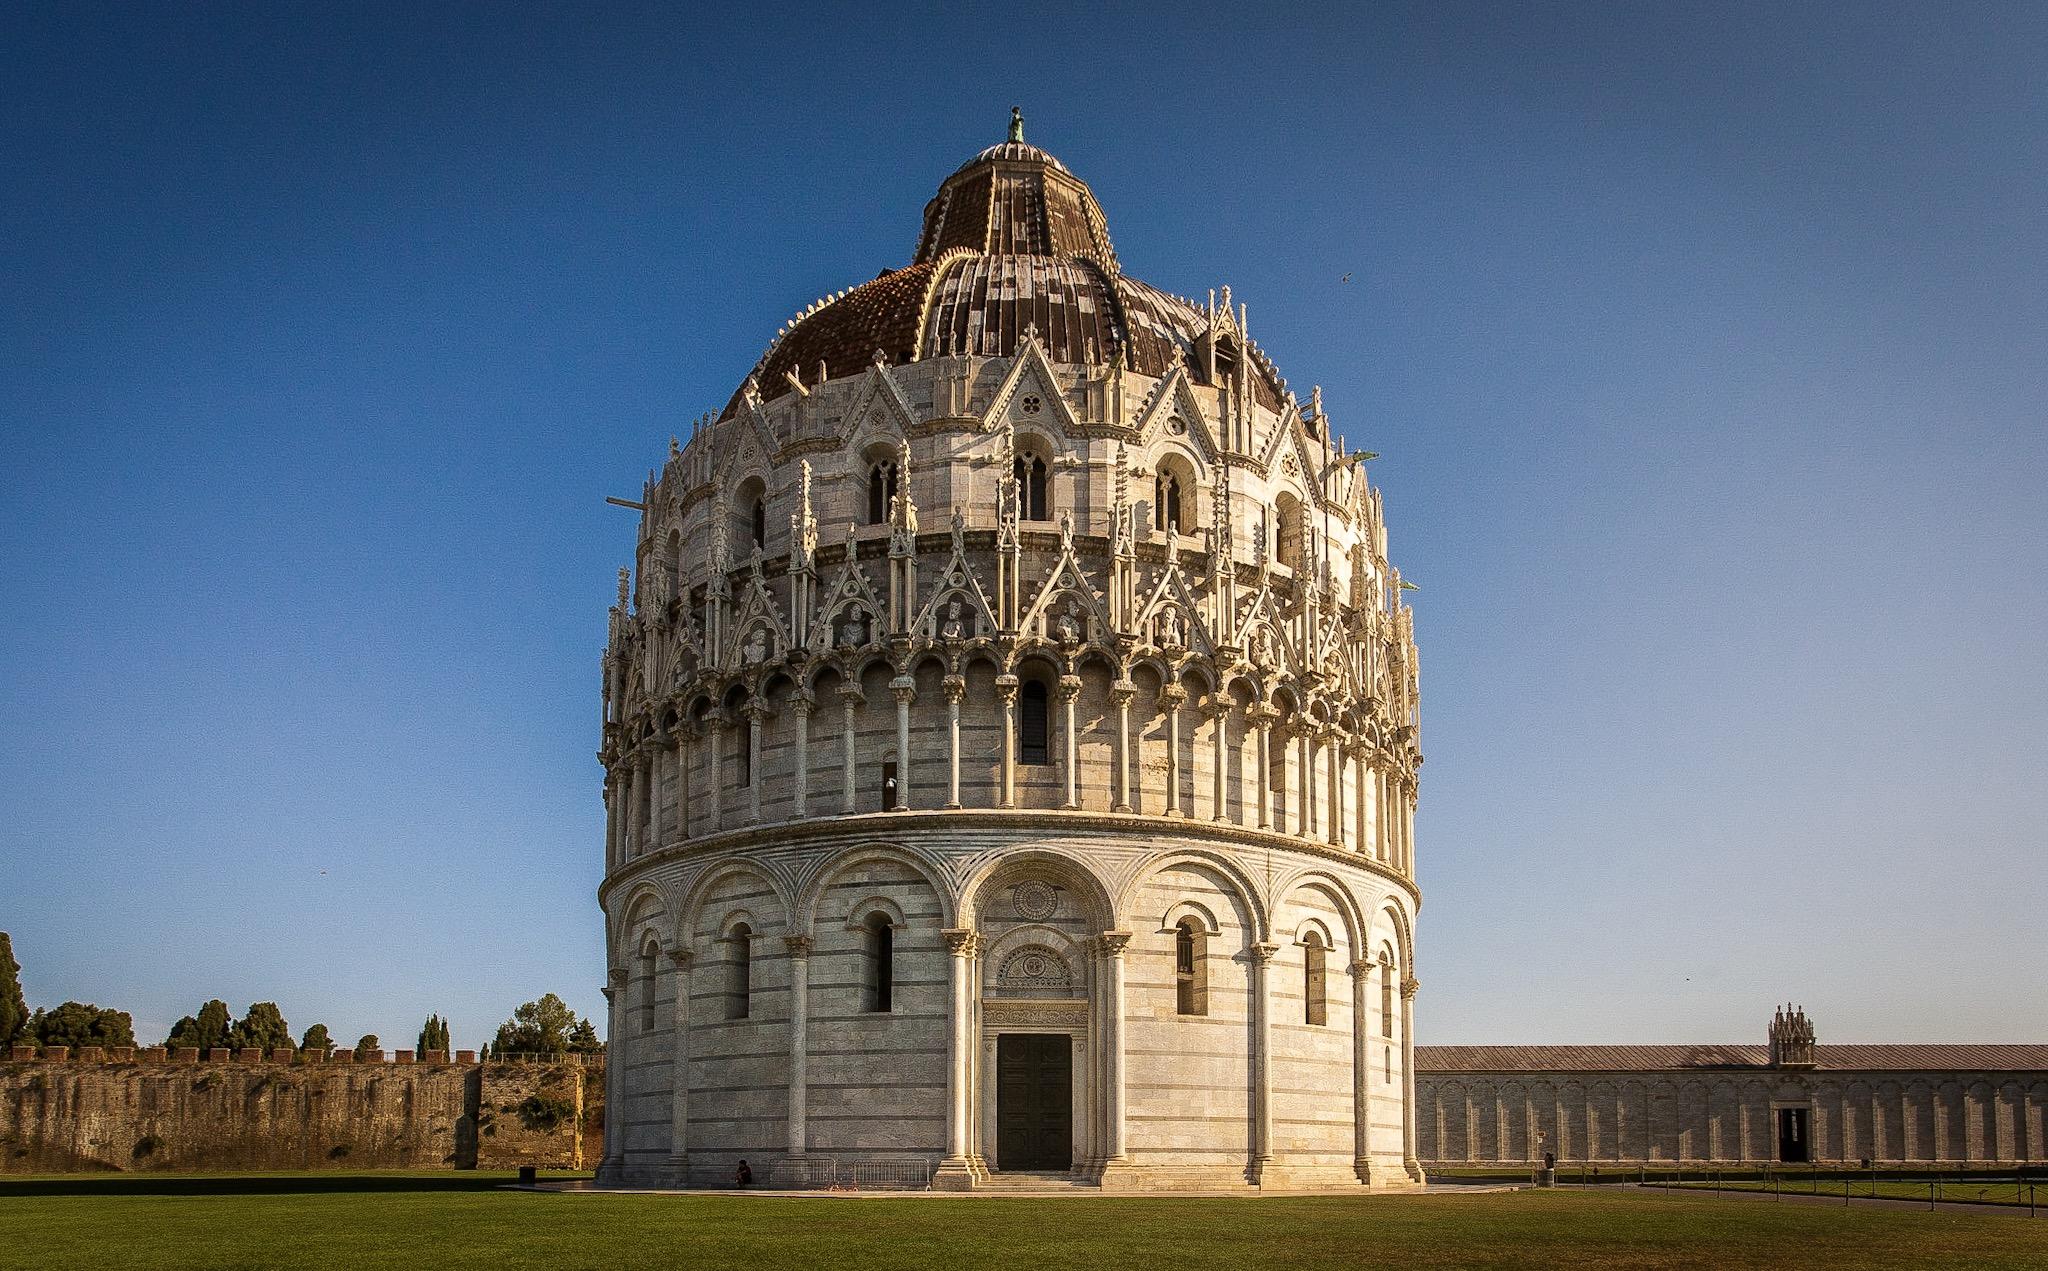 Battistero di San Giovanni in Pisa by Rick McEvoy Architectural Photographer